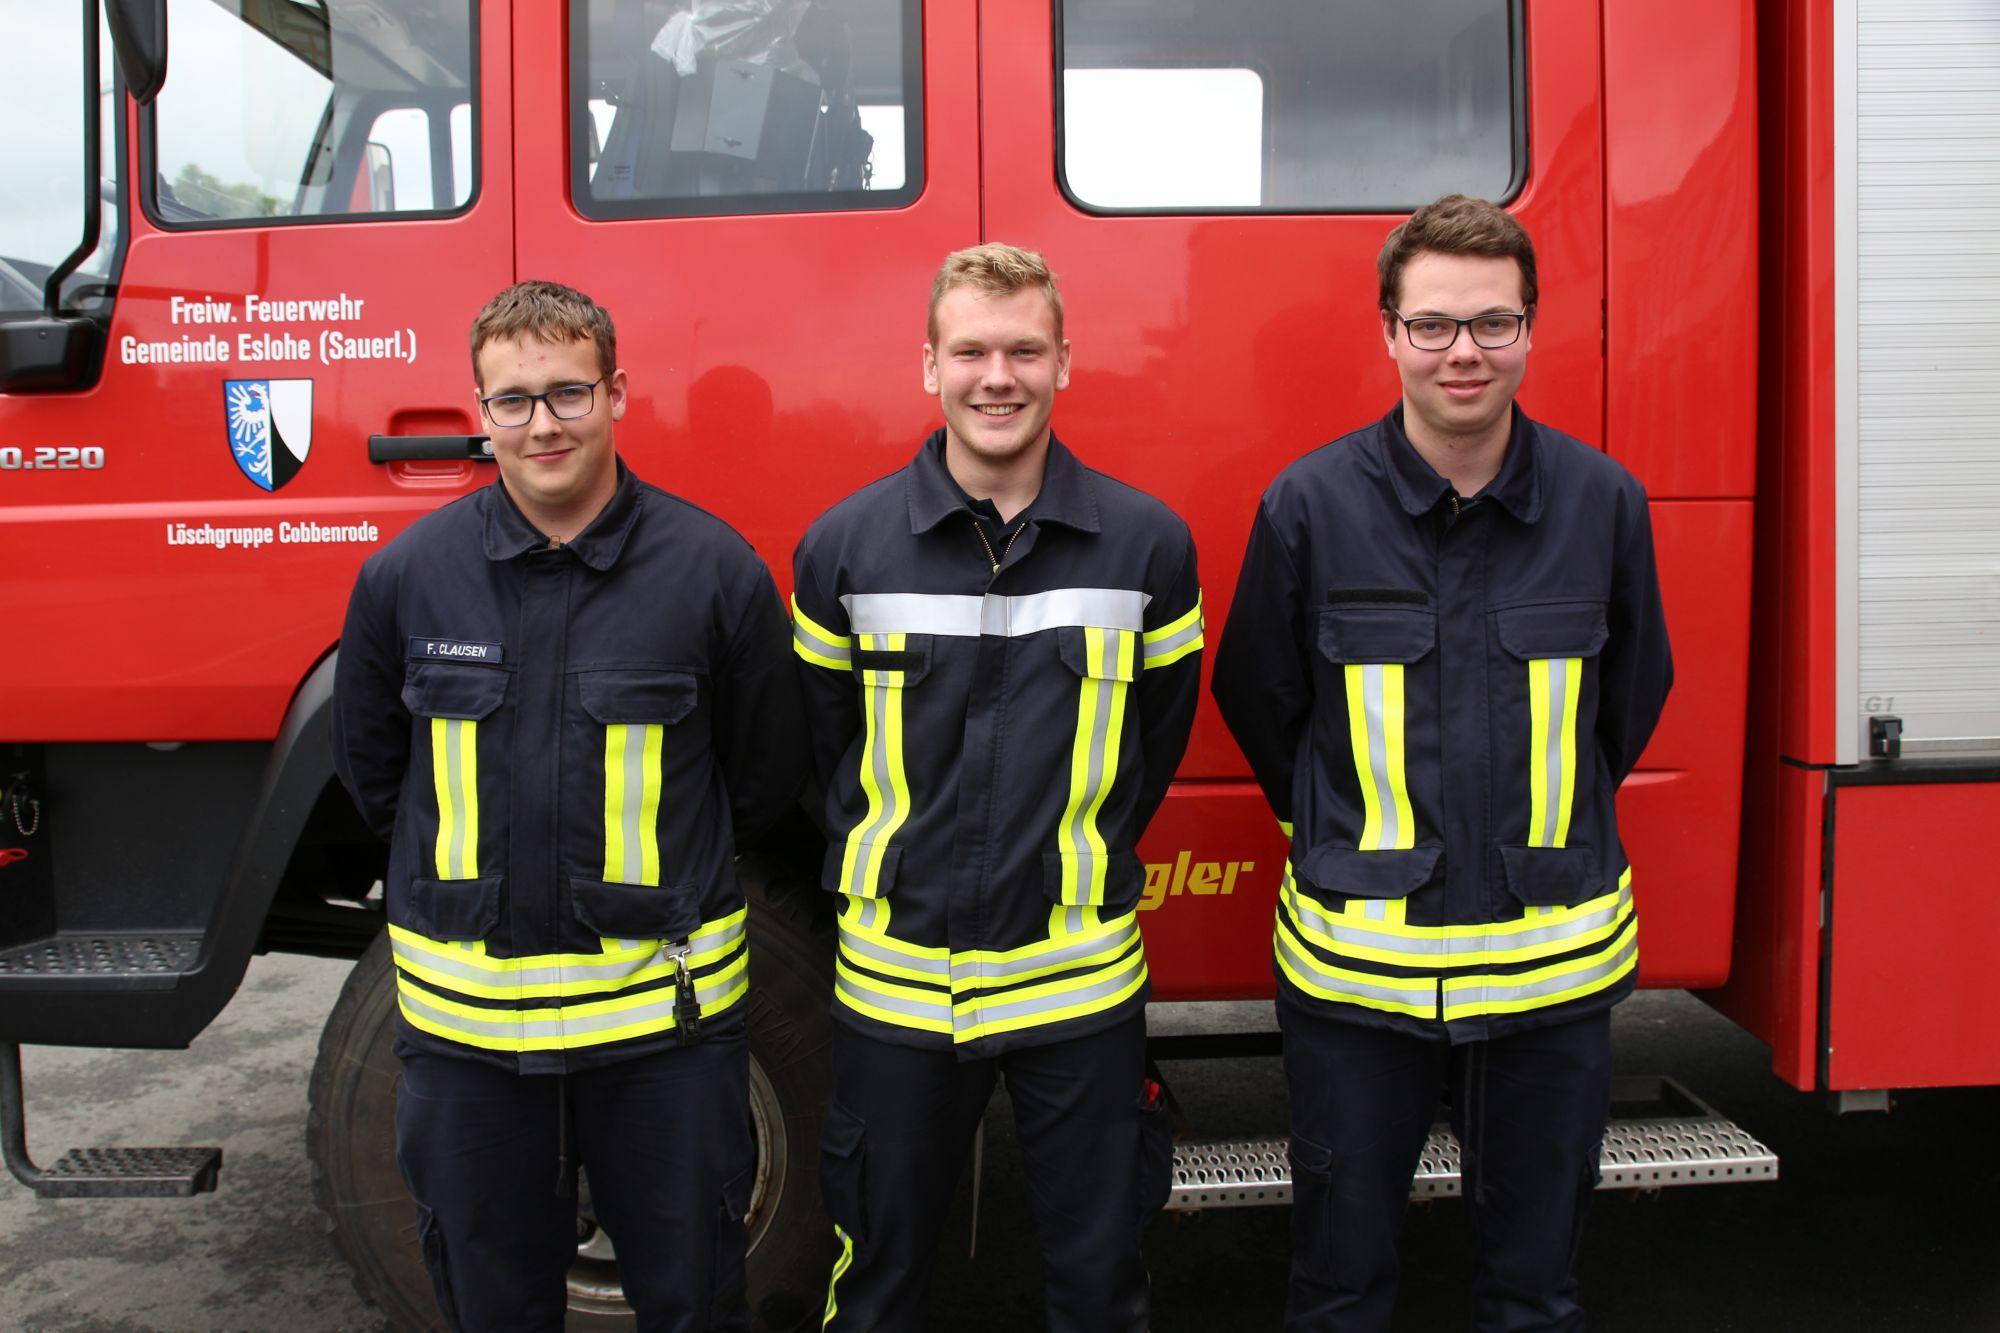 v.l.n.r. Fabian Clausen - LG Cobbenrode; Markus Schmidt - LZ Meschede – Lehrgangsbester; Josef Osbold - LG Reiste